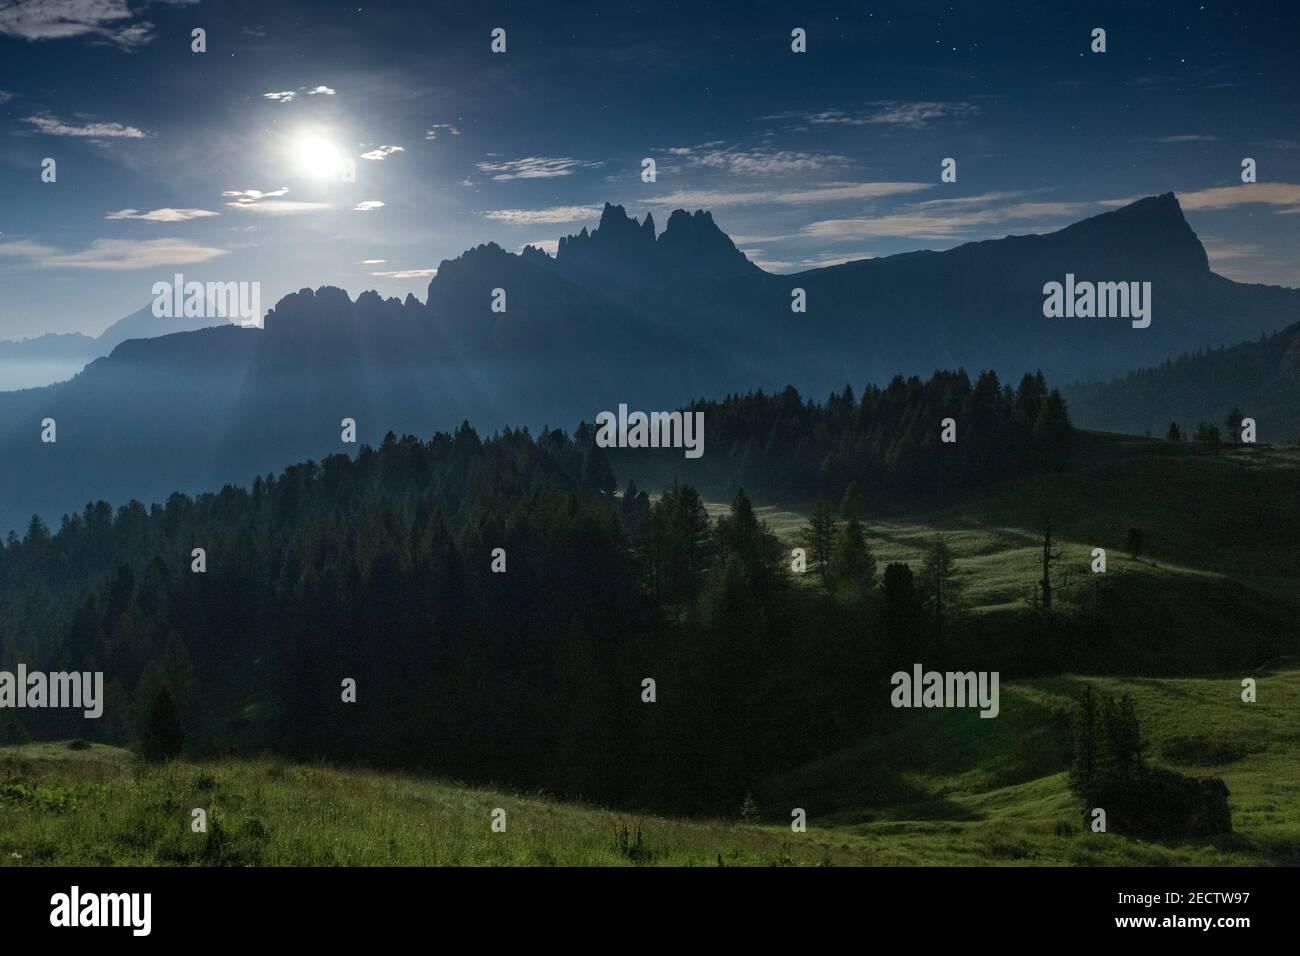 Clair de lune sur les sommets de Croda da Lago et de Lastoni di Formin. Paysage de nuit. Les Dolomites d'Ampezzo. Forêt de conifères. Alpes italiennes. Europe. Banque D'Images